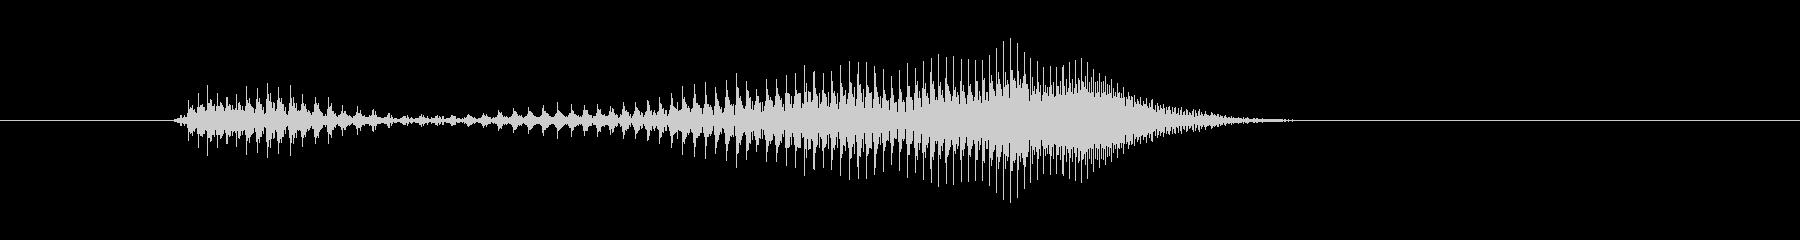 え〜?の未再生の波形